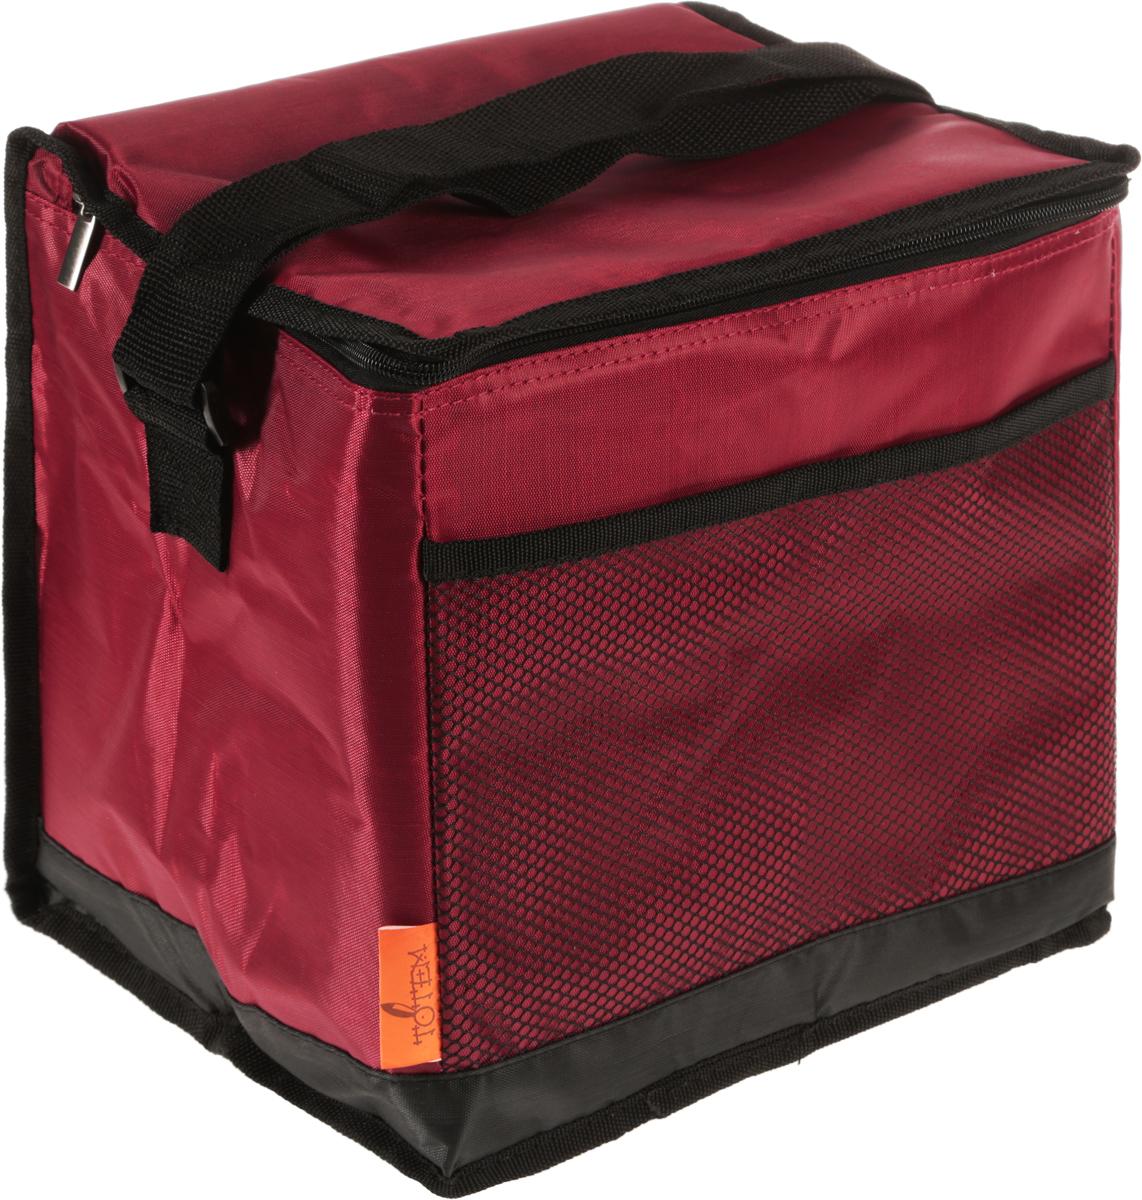 Термосумка Тотеm, цвет: бордовый, черный, 15 лTTA-059Термосумка Totem изготовлена из прочного полиэстера, внутренний изоляционный материал (EPE и PEVA) позволяет сохранять содержимое сумки свежим. Сумка закрывается на молнию, снабжена регулируемым по длине ремнем для переноски. Спереди имеется сетчатый карман. Применяемые в изготовлении термосумки материалы и технологии позволяют сохранять продукты глубокой заморозки, а также холодными напитки. Для наиболее продолжительного эффекта рекомендуется использовать хладоэлементы. Термосумка также прекрасно подходит и для перевозки горячих блюд. Время сохранения температуры без хладоэлементов: 6 ч. Время сохранения температуры с хладоэлементами: 12 ч.